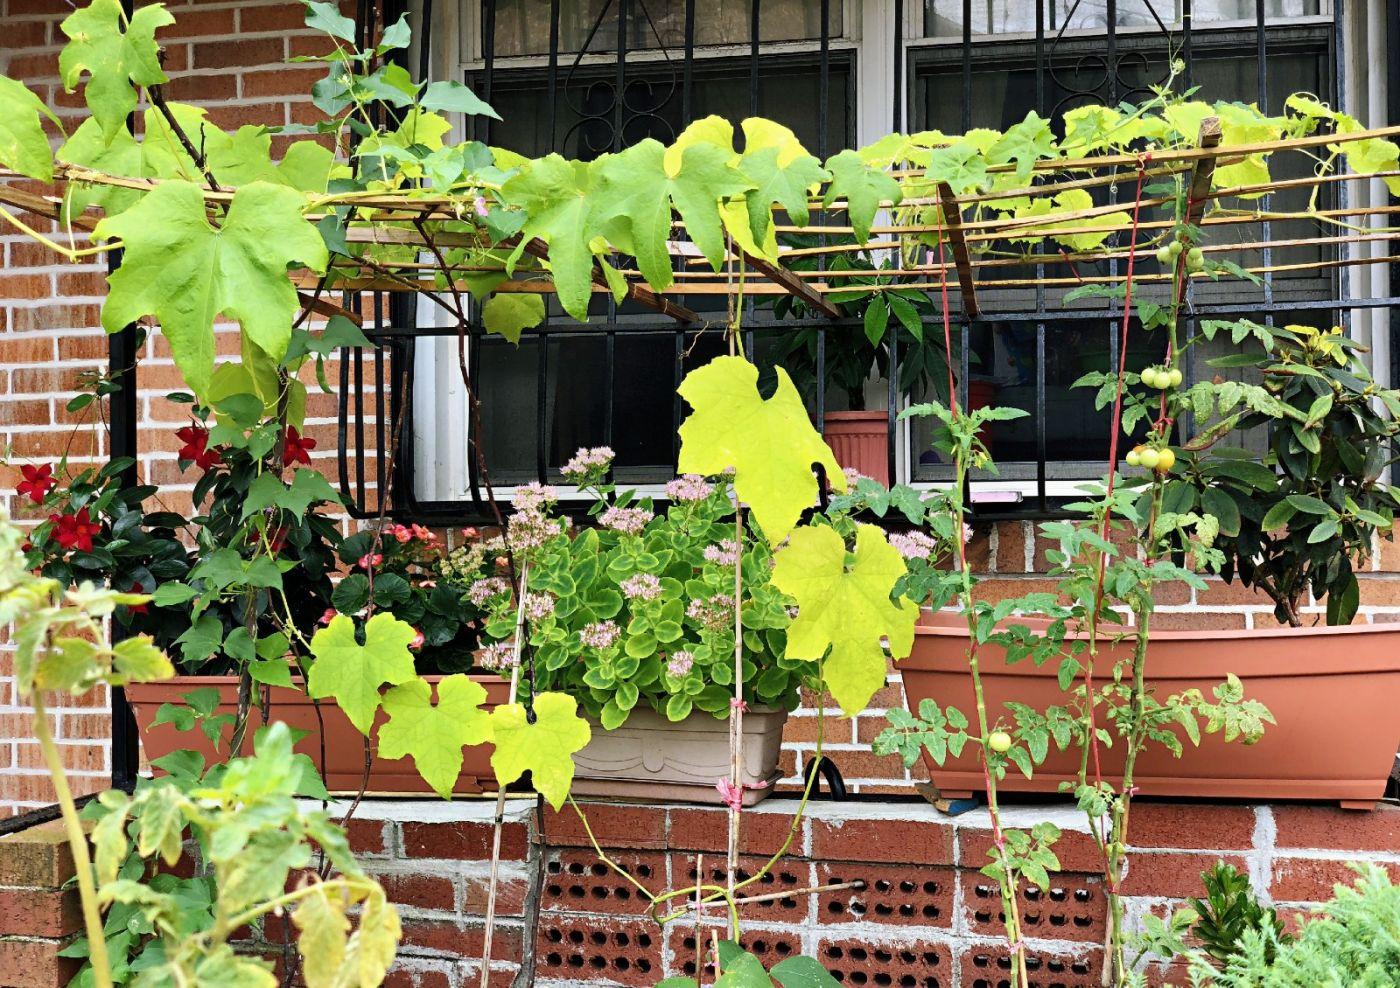 【田螺随拍】路边窗前的小菜园子_图1-12